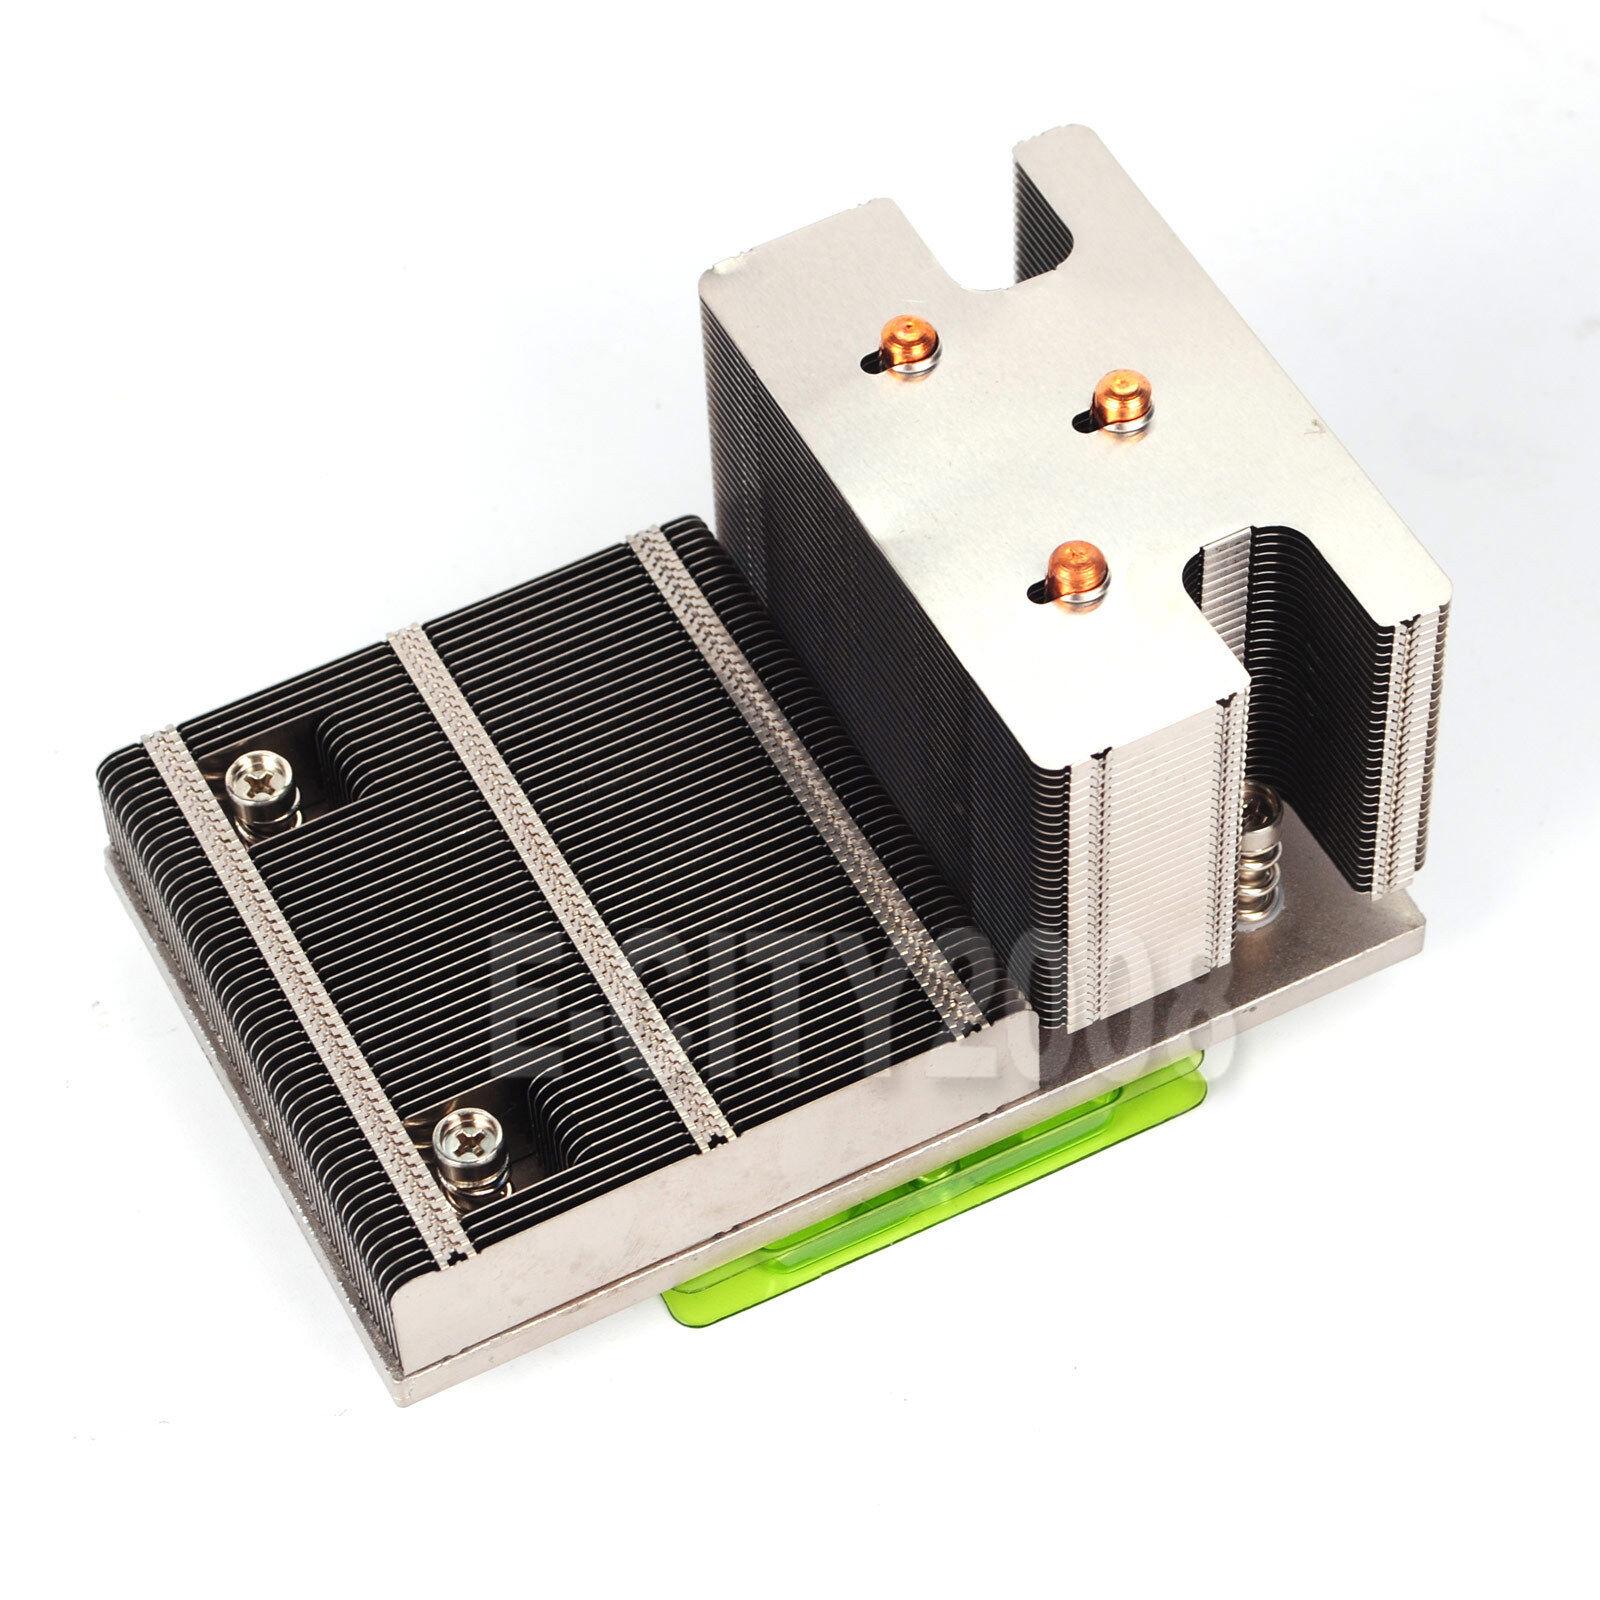 CPU Heatsink 0YY2R8 /YY2R8 For Dell Poweredge R730 R730xd R7910 Screw Down Type